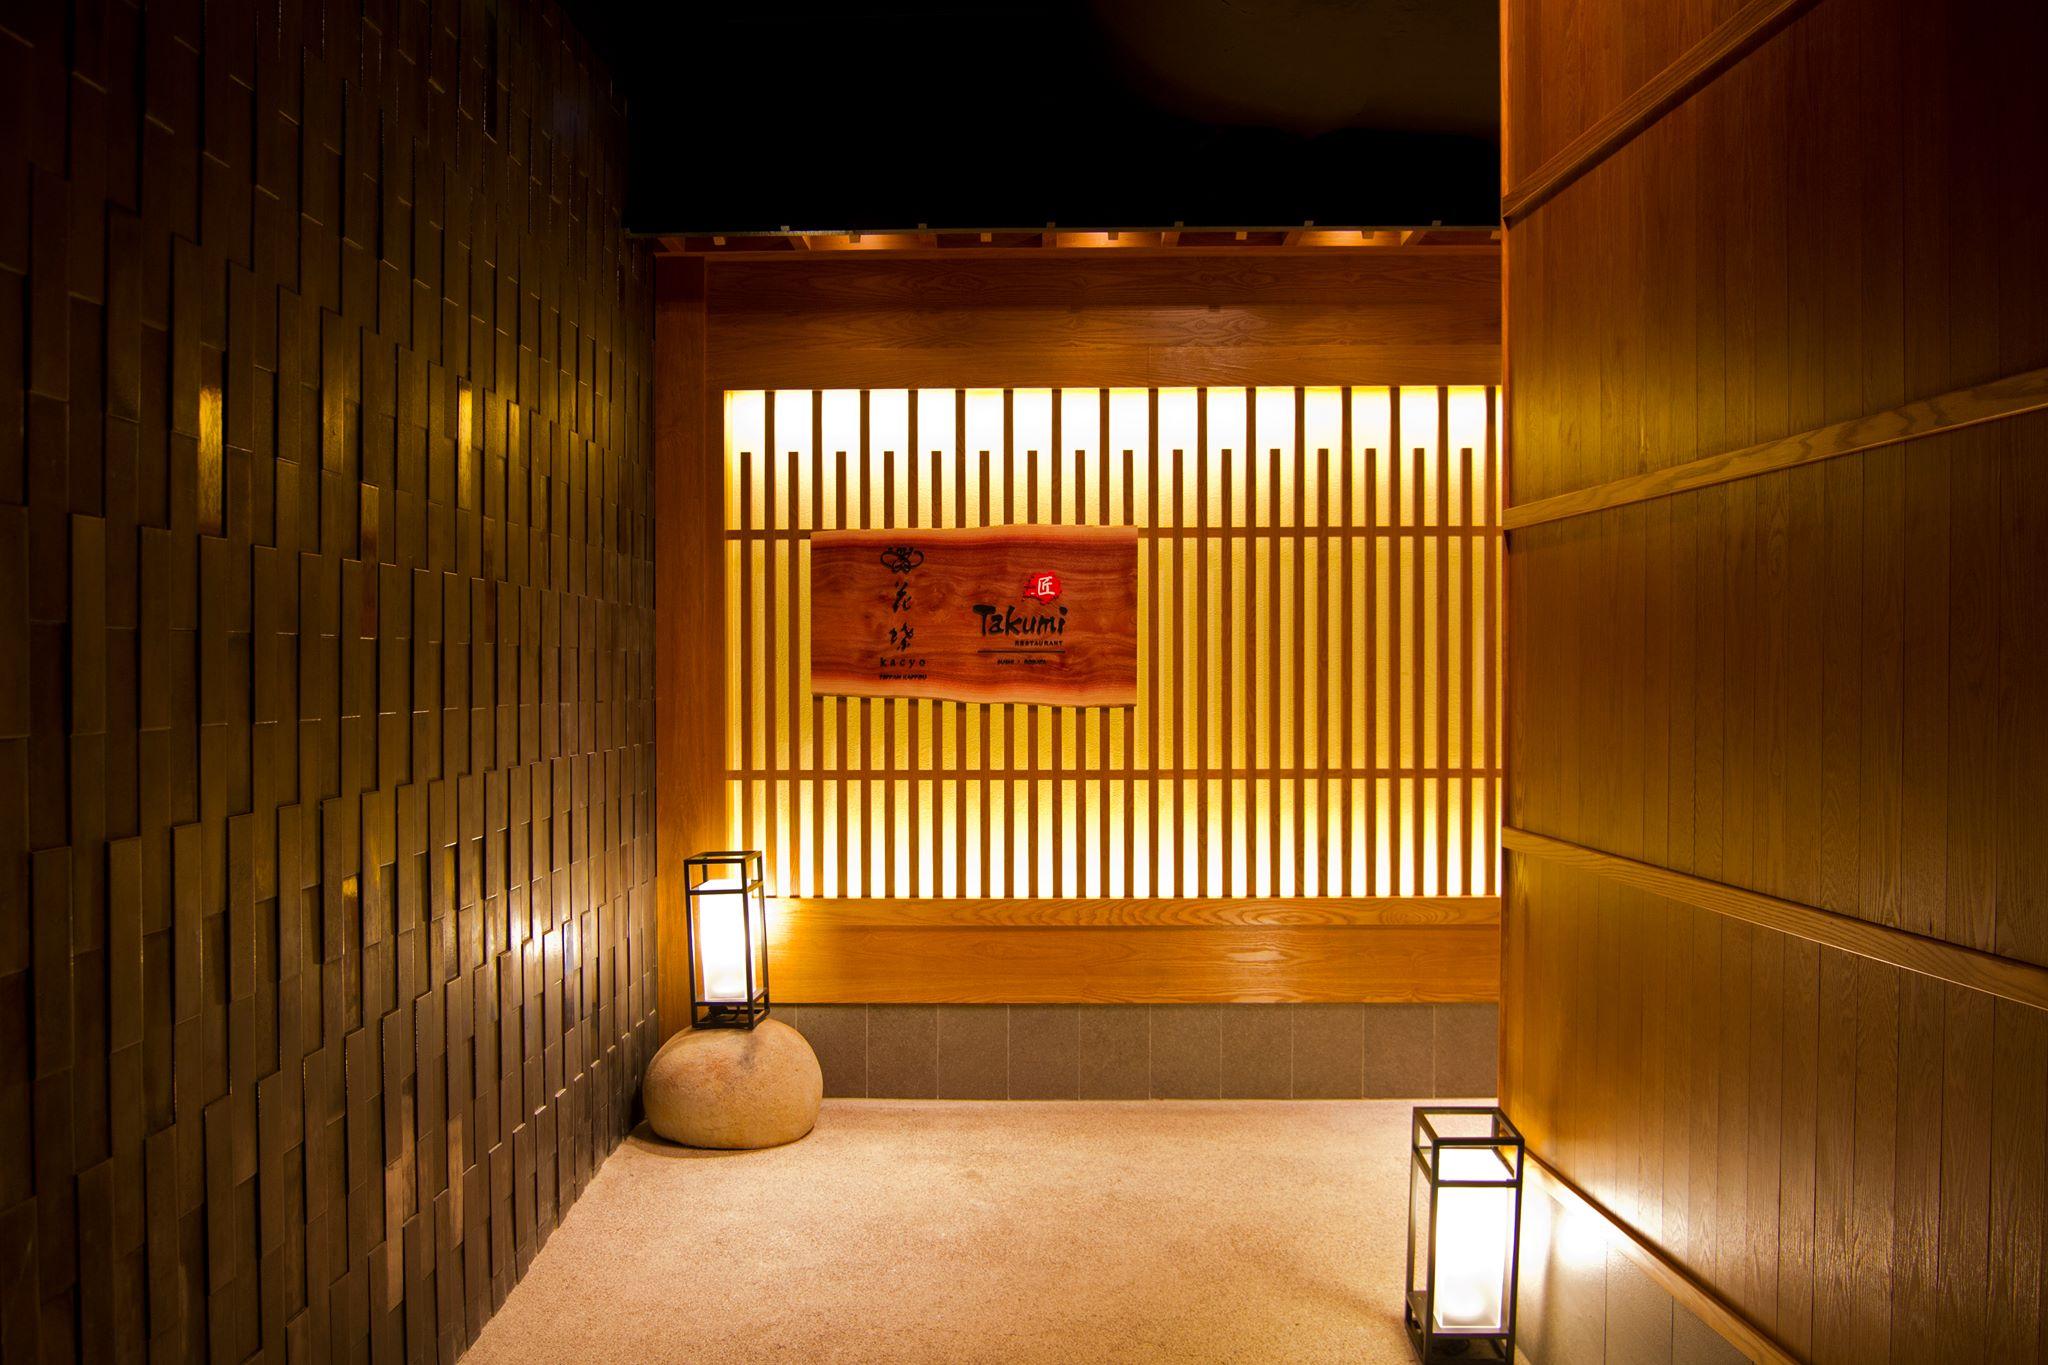 ケッペルの日本料理店 「匠」